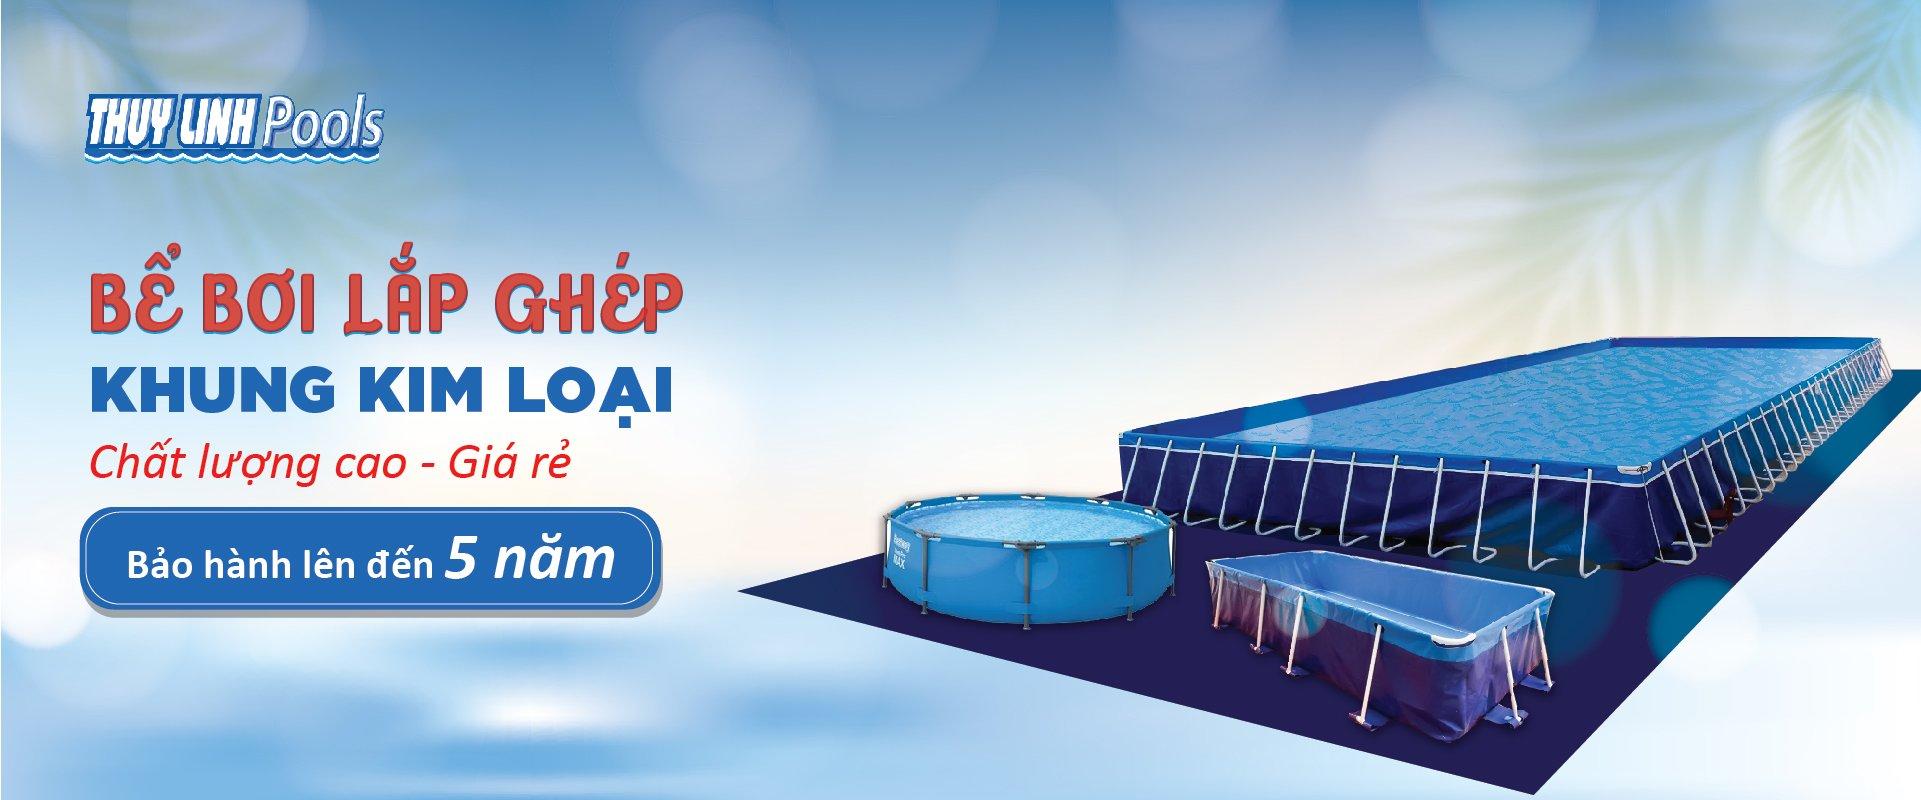 Bể Bơi Lắp Ghép Khung Kim Loại - Bể Bơi Lắp Ghép 1